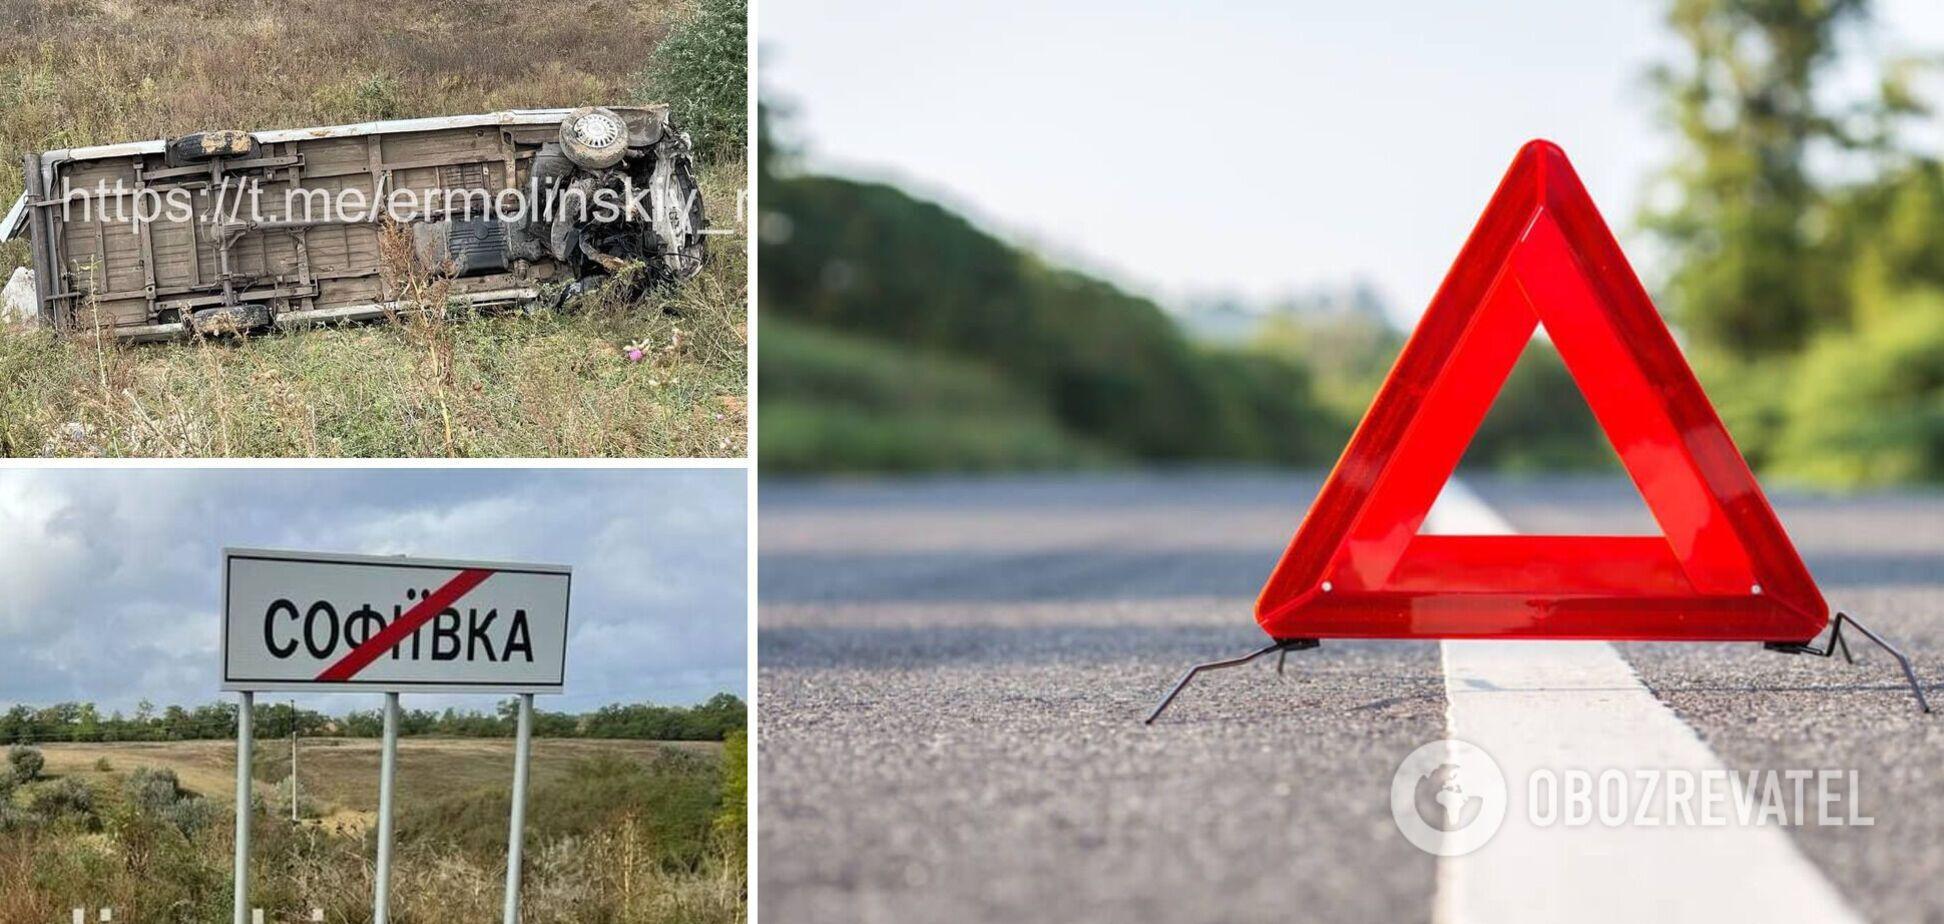 На Дніпропетровщині мікроавтобус вилетів у кювет, водій загинув на місці. Фото